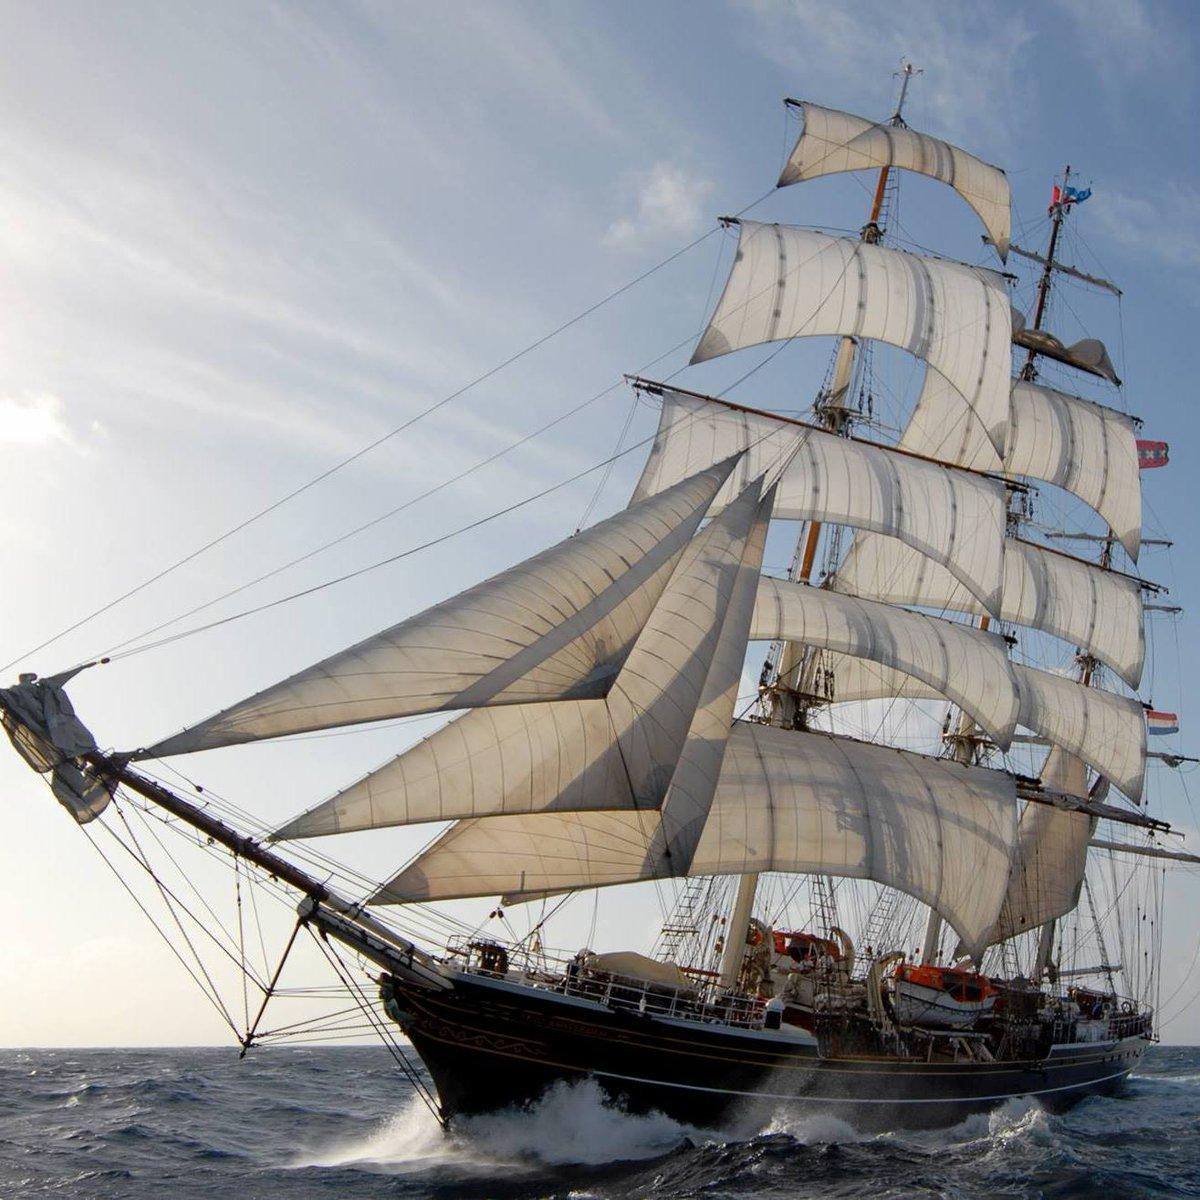 Le grand voilier @Stad_Amsterdam fait escale à #Bordeaux cette semaine de jeudi à dimanche. Des visites gratuites seront organisées dimanche de 9h à 13h ! https://t.co/acvawFQFff